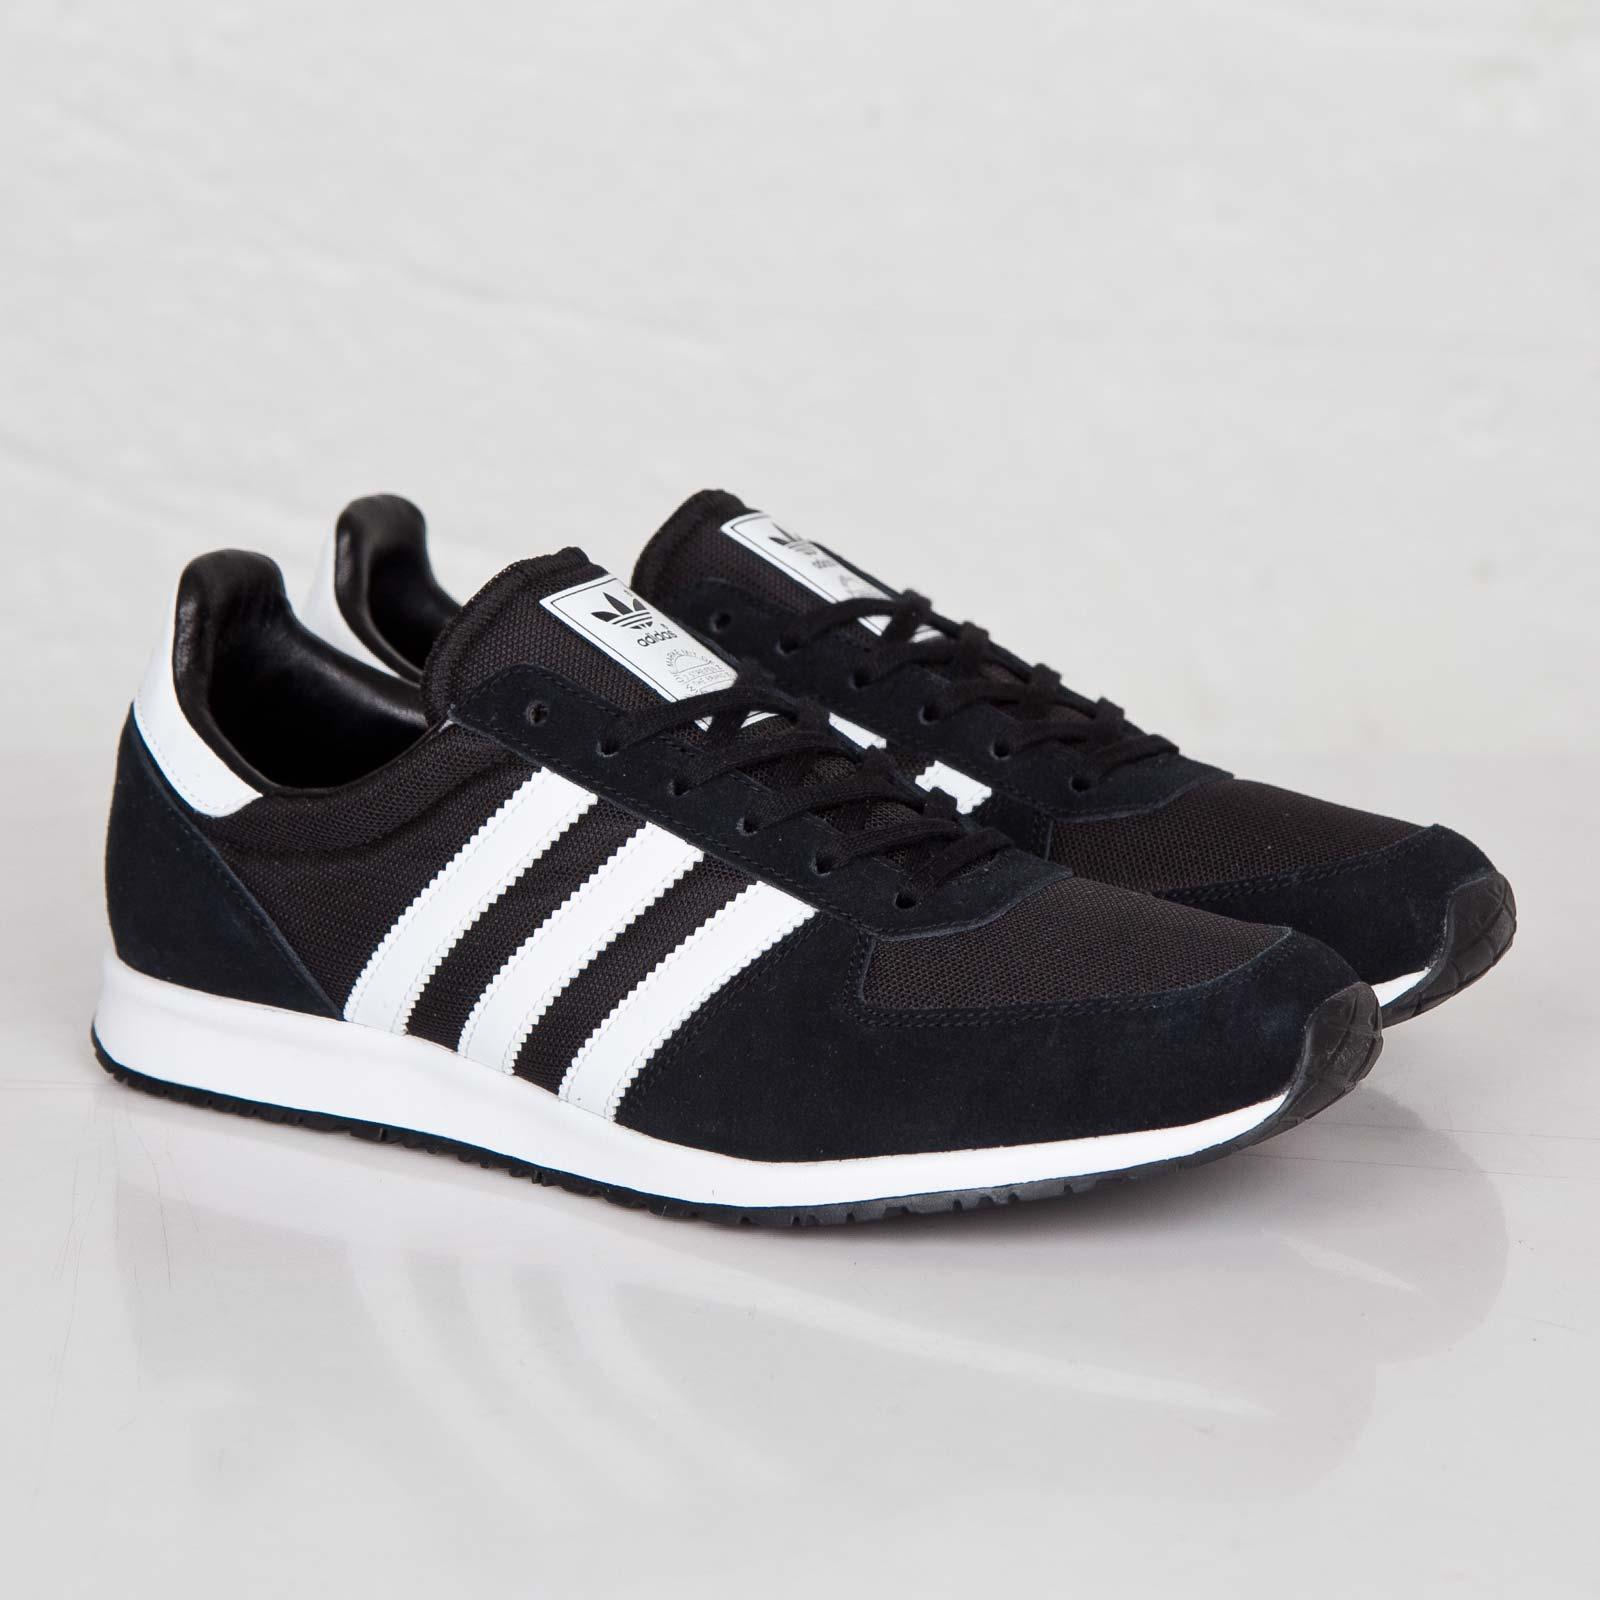 adidas Originals Adistar Racer, Herren Sneakers, weiß